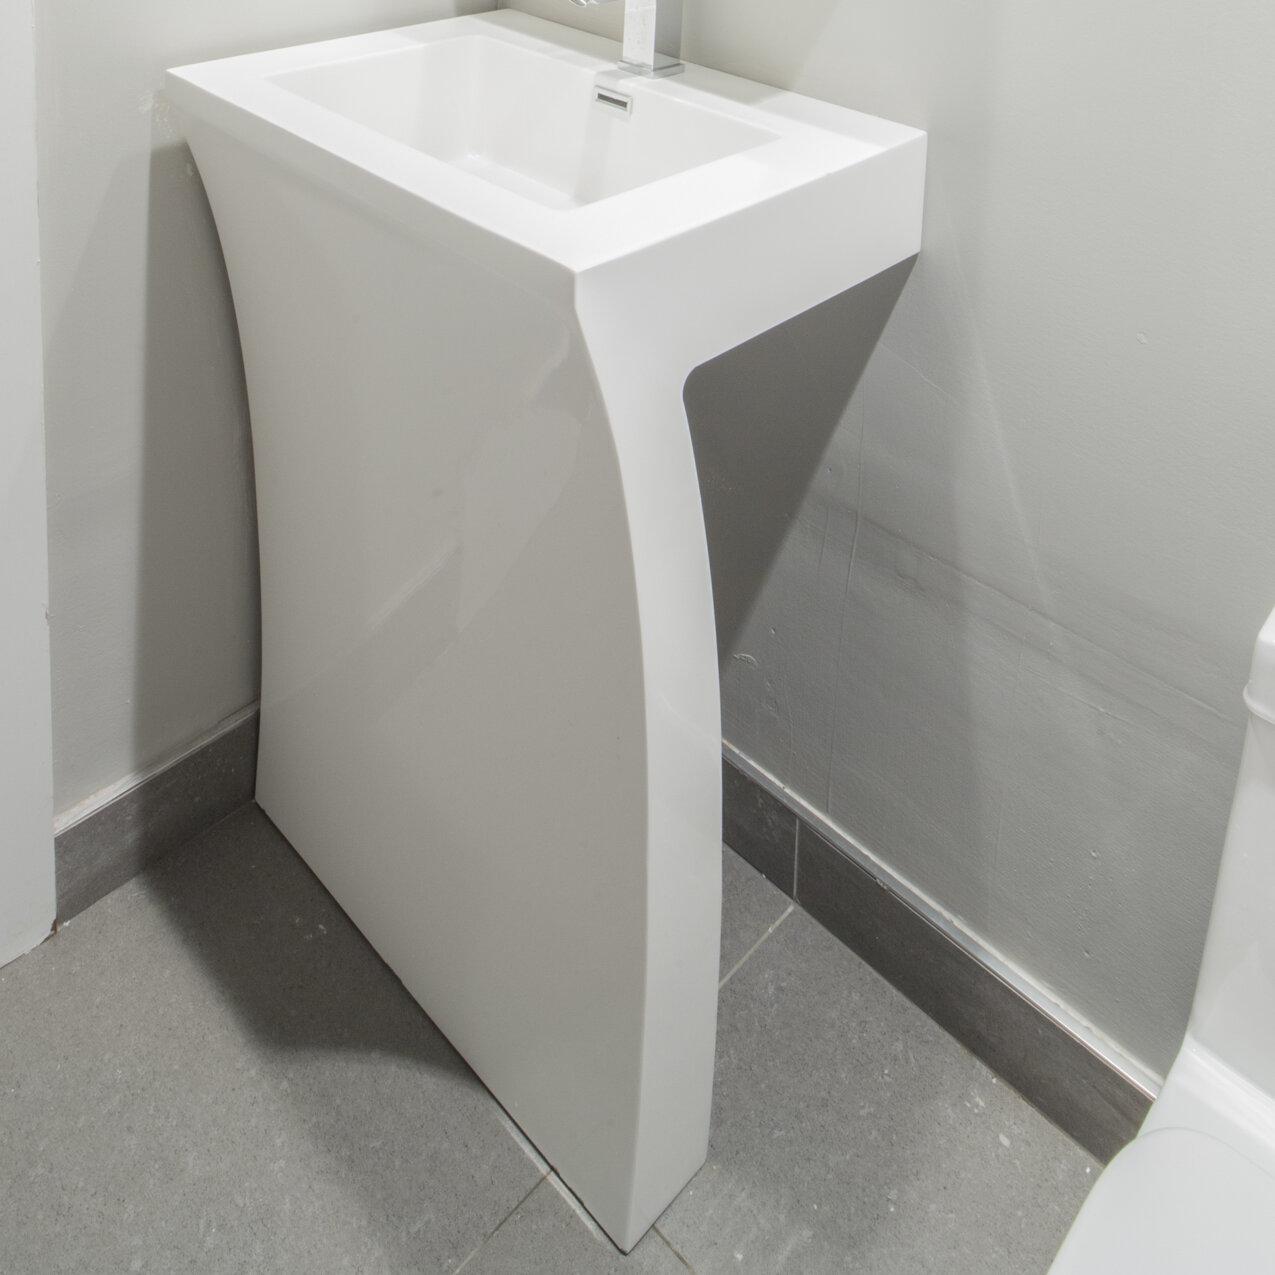 Fine Fixtures Cedar Falls 22pedestal Sink With Overflow Reviews